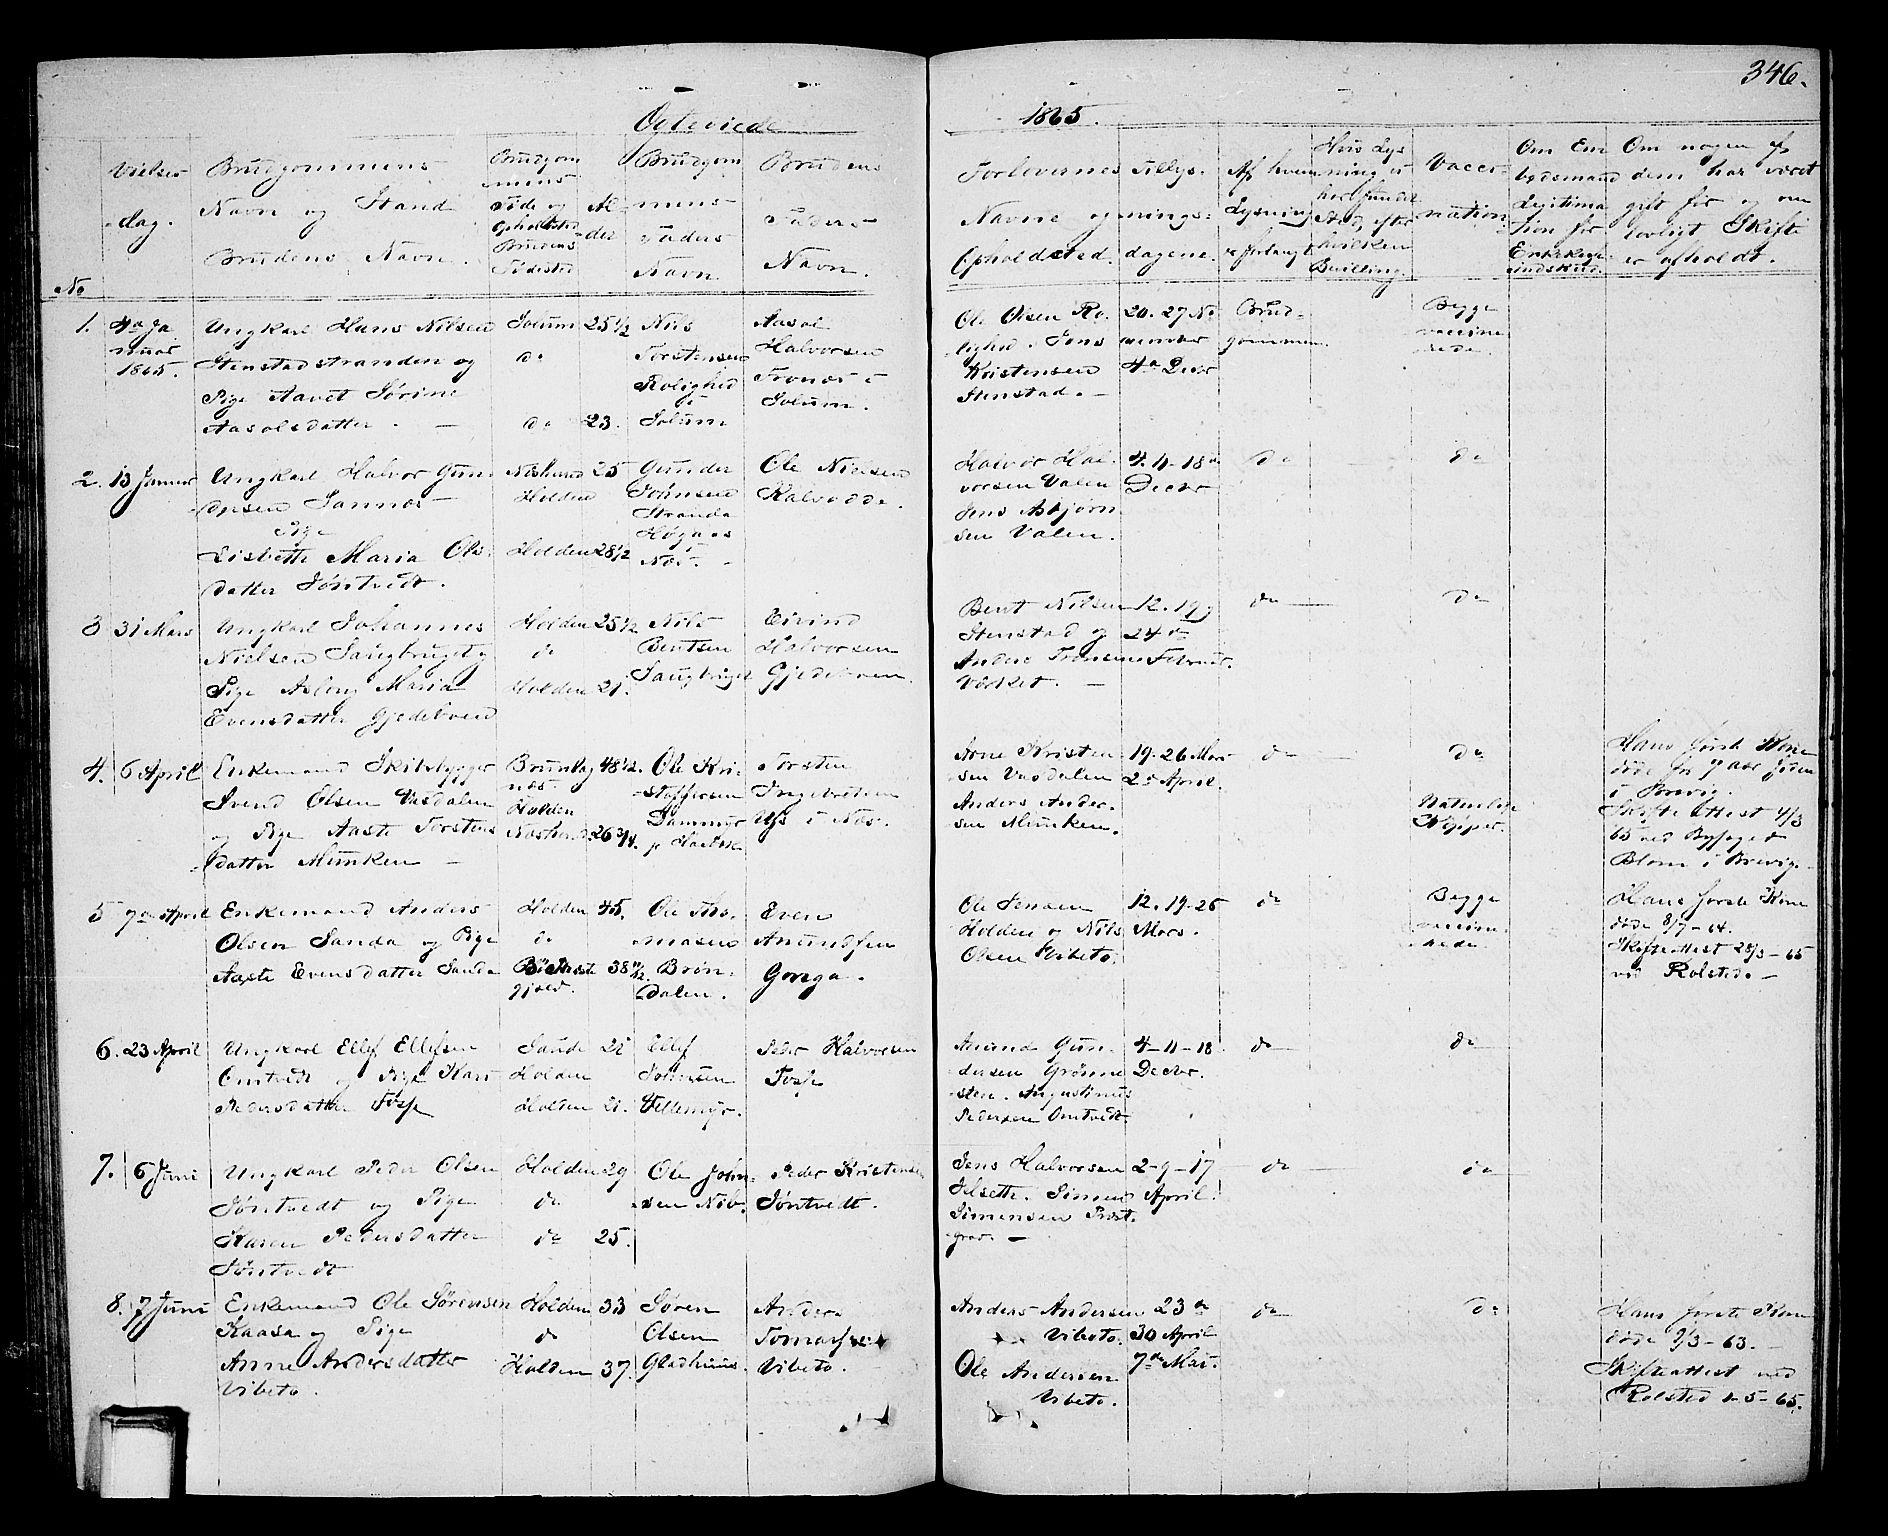 SAKO, Holla kirkebøker, G/Ga/L0003: Klokkerbok nr. I 3, 1849-1866, s. 346